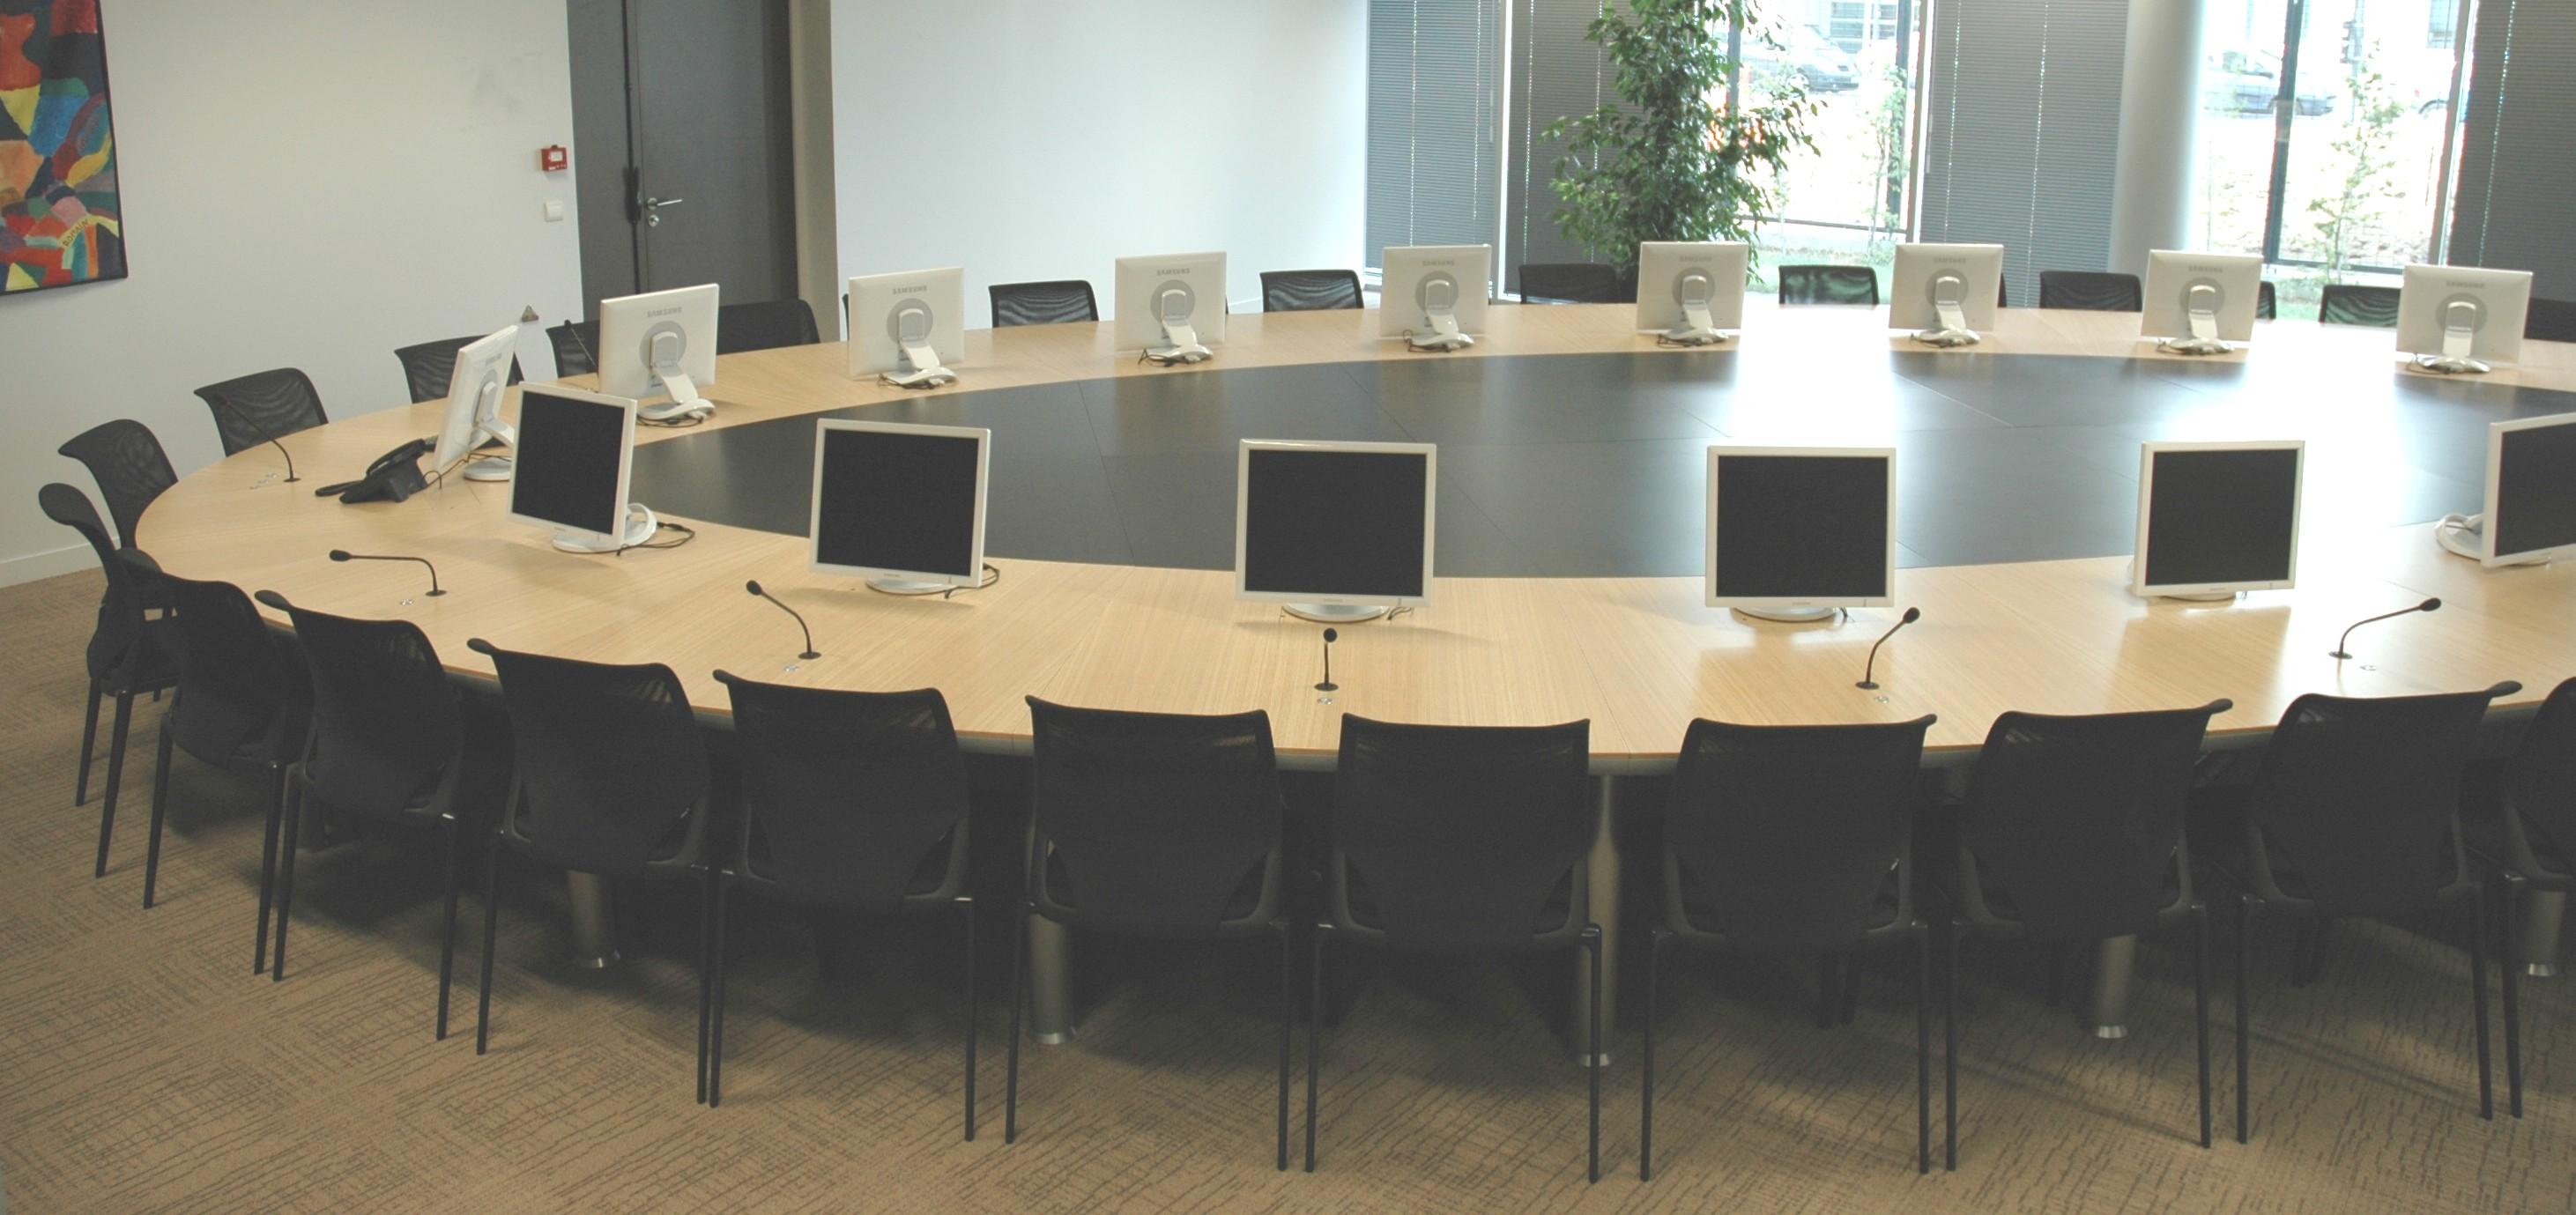 J card 5 estudio de planificaci n y venta de mobiliario for Mobiliario de oficina mesas